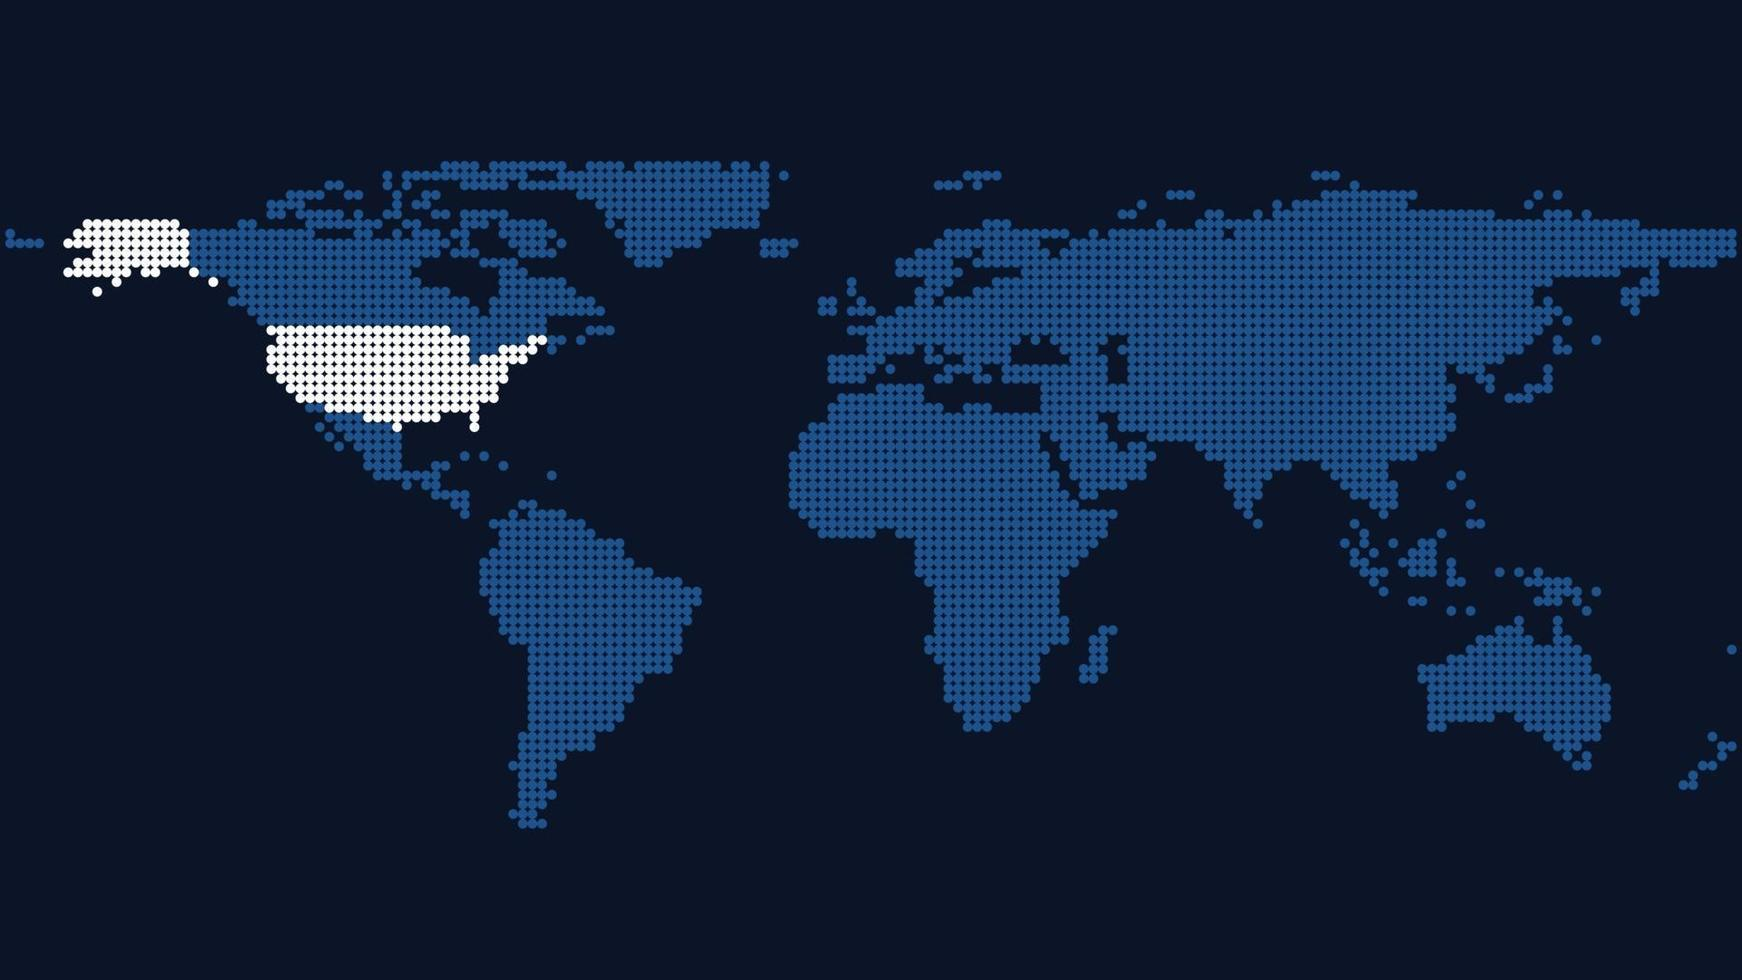 mappa del mondo dei cerchi con gli Stati Uniti evidenziati vettore